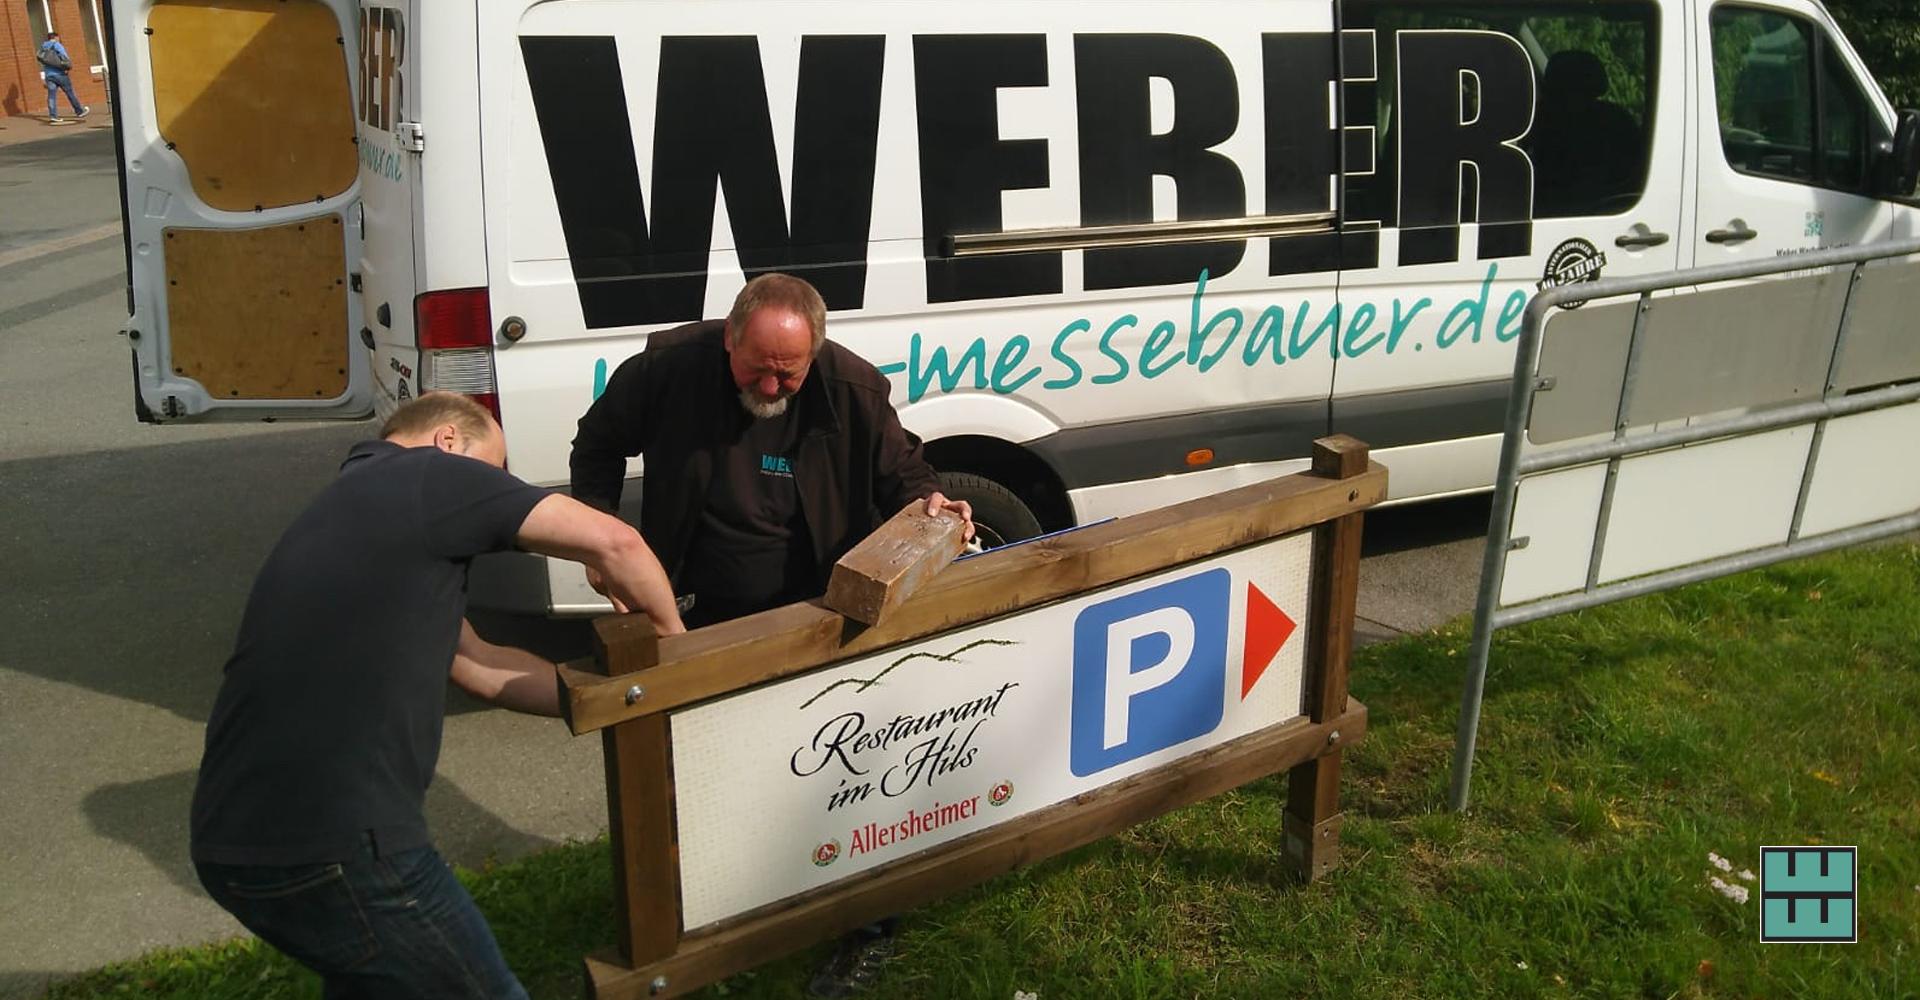 Weber Werbung unterstützt Rosins Restaurants in Grünenplan mit Schildern